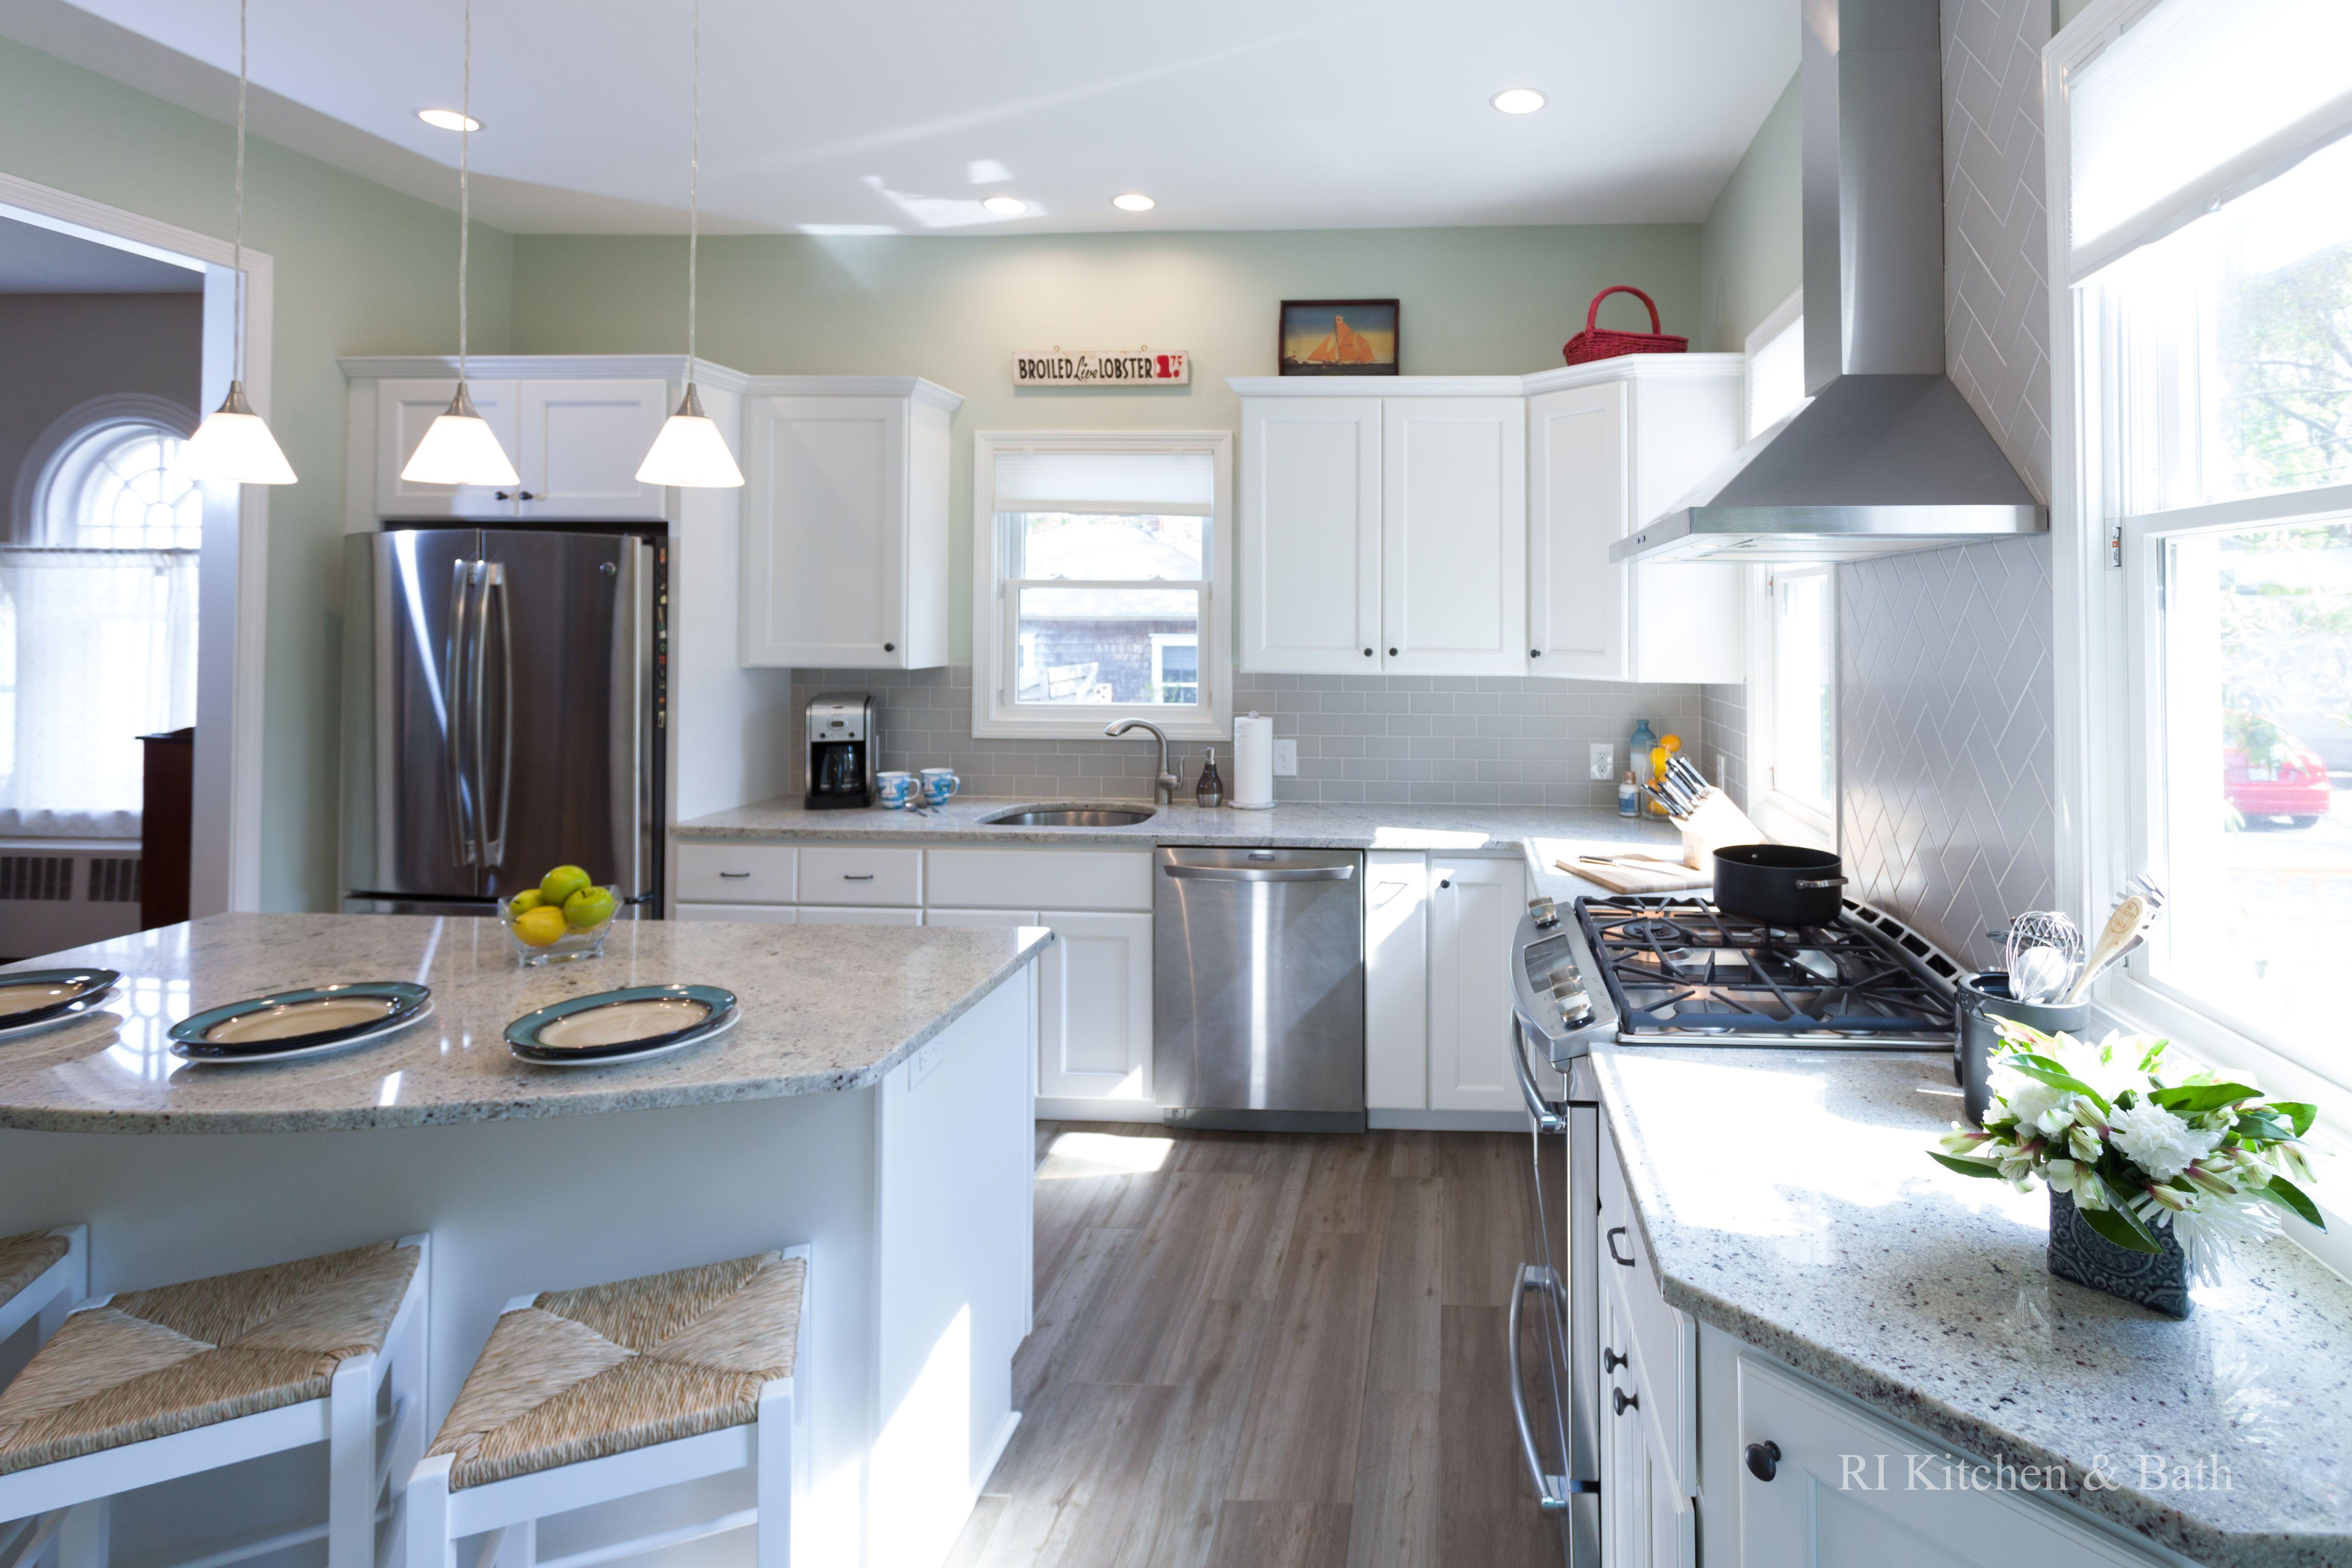 lakeside kitchen designedri kitchen & bath #rikb